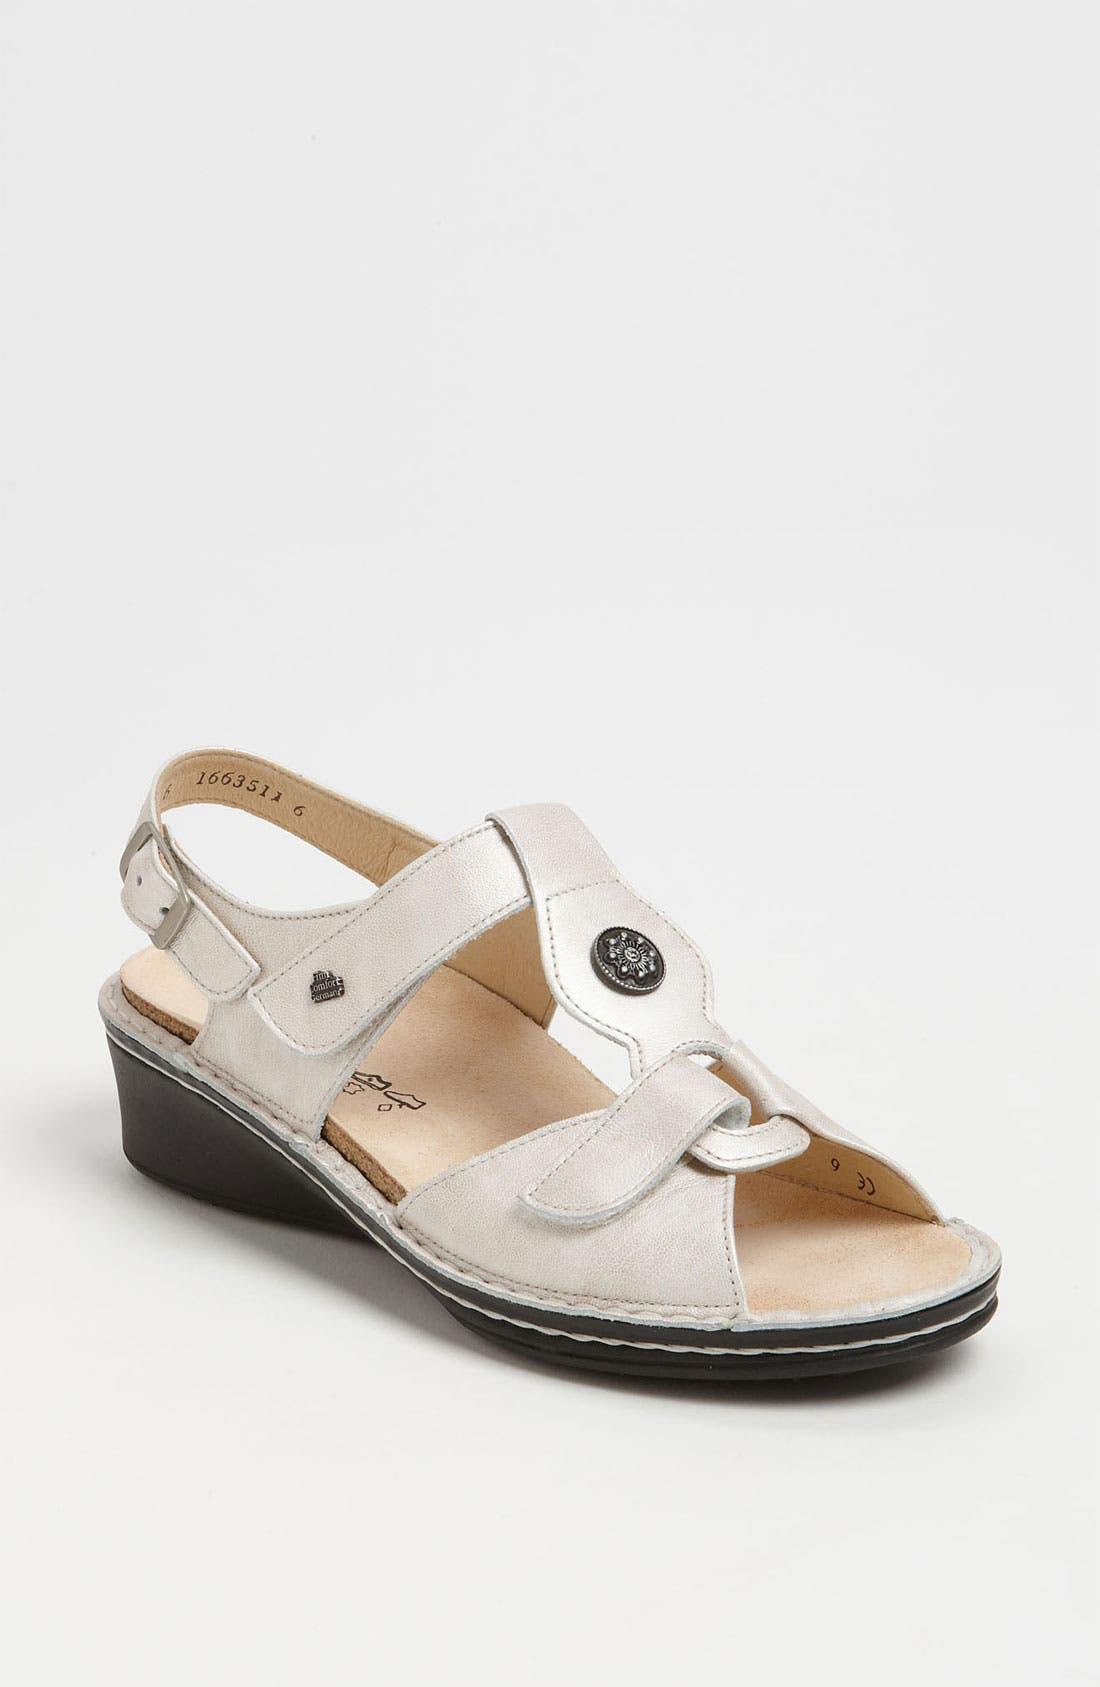 Alternate Image 1 Selected - Finn Comfort 'Adana' Sandal